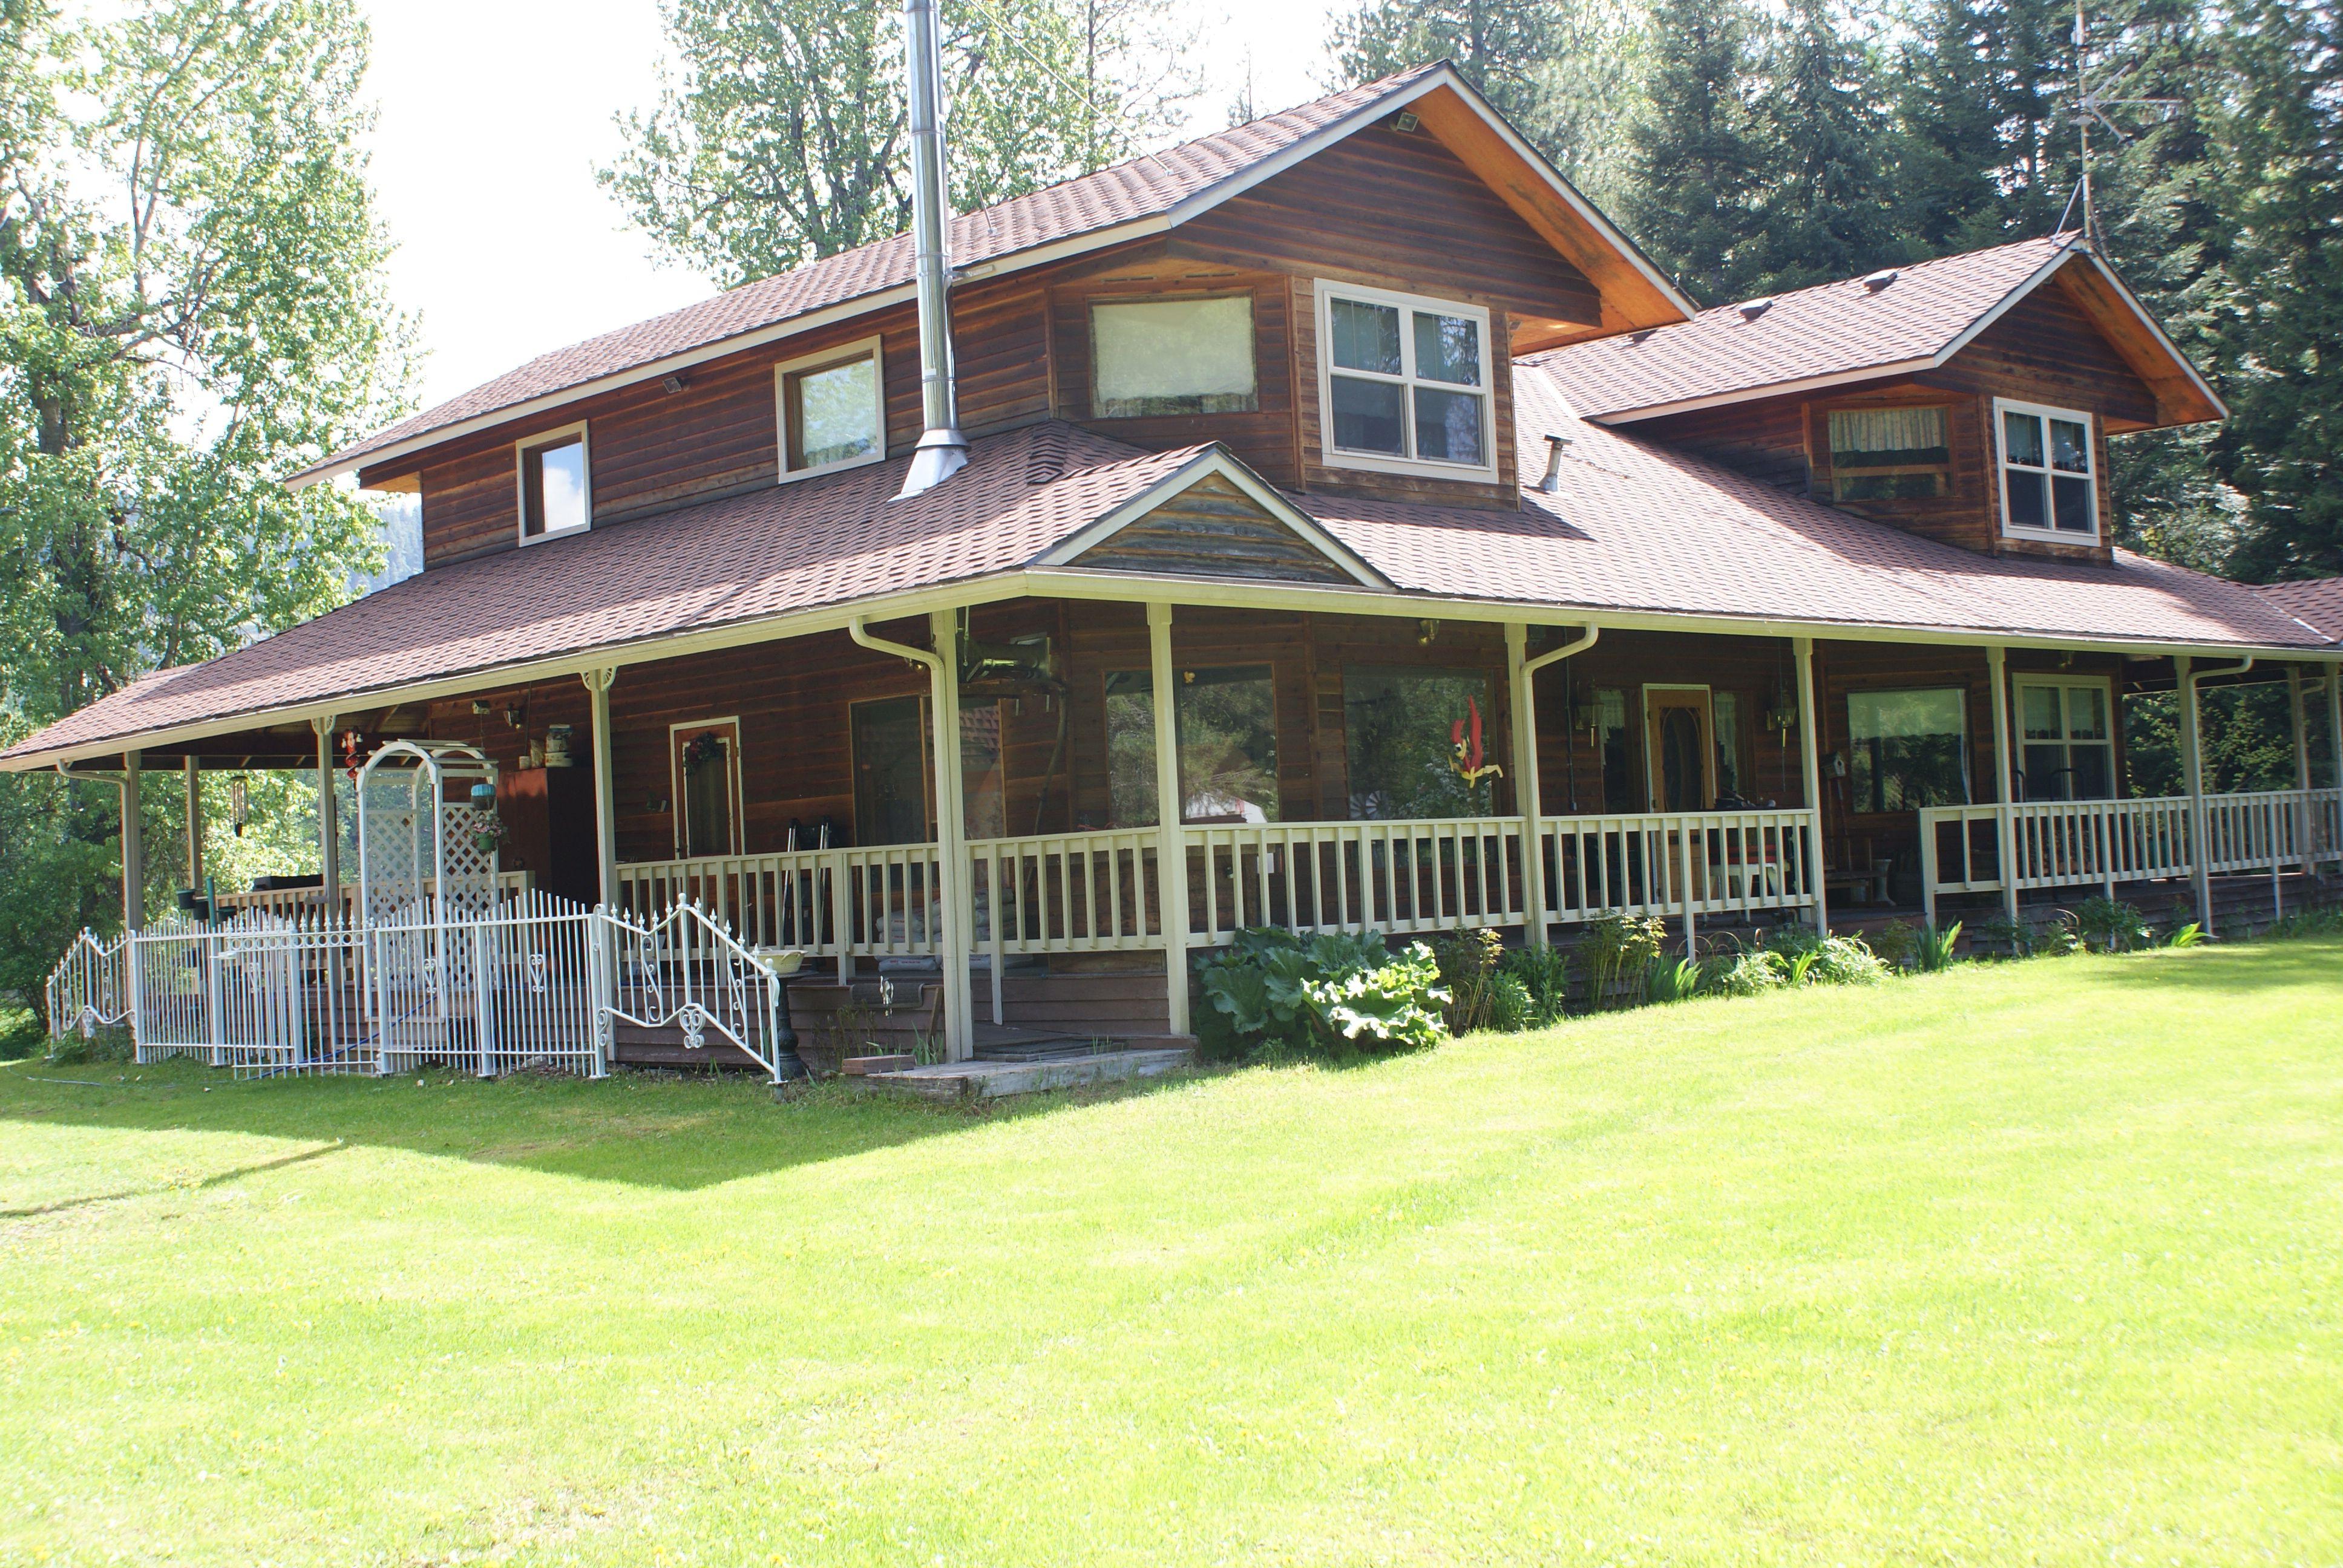 Conklin meadows classic farmhouse for sale in newport